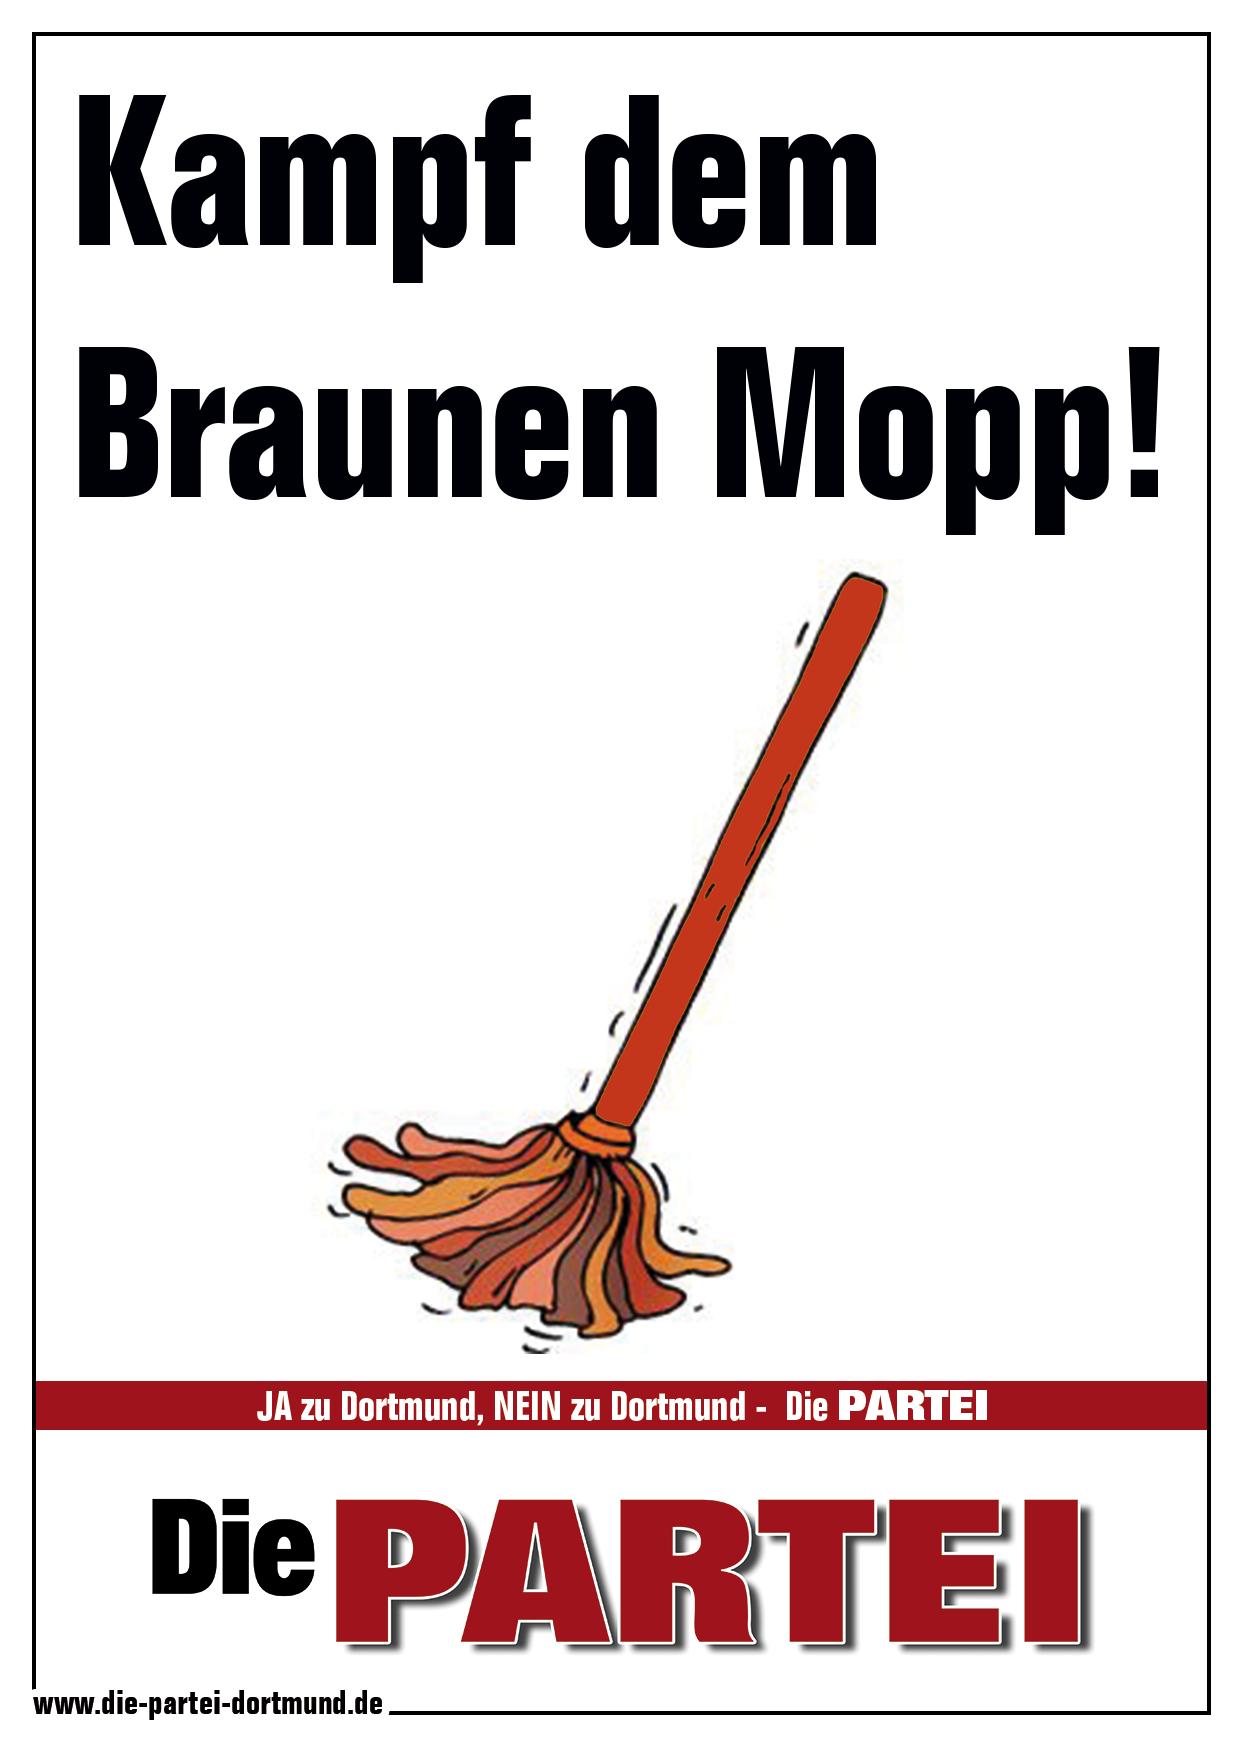 Hoffmann und der braune Mopp